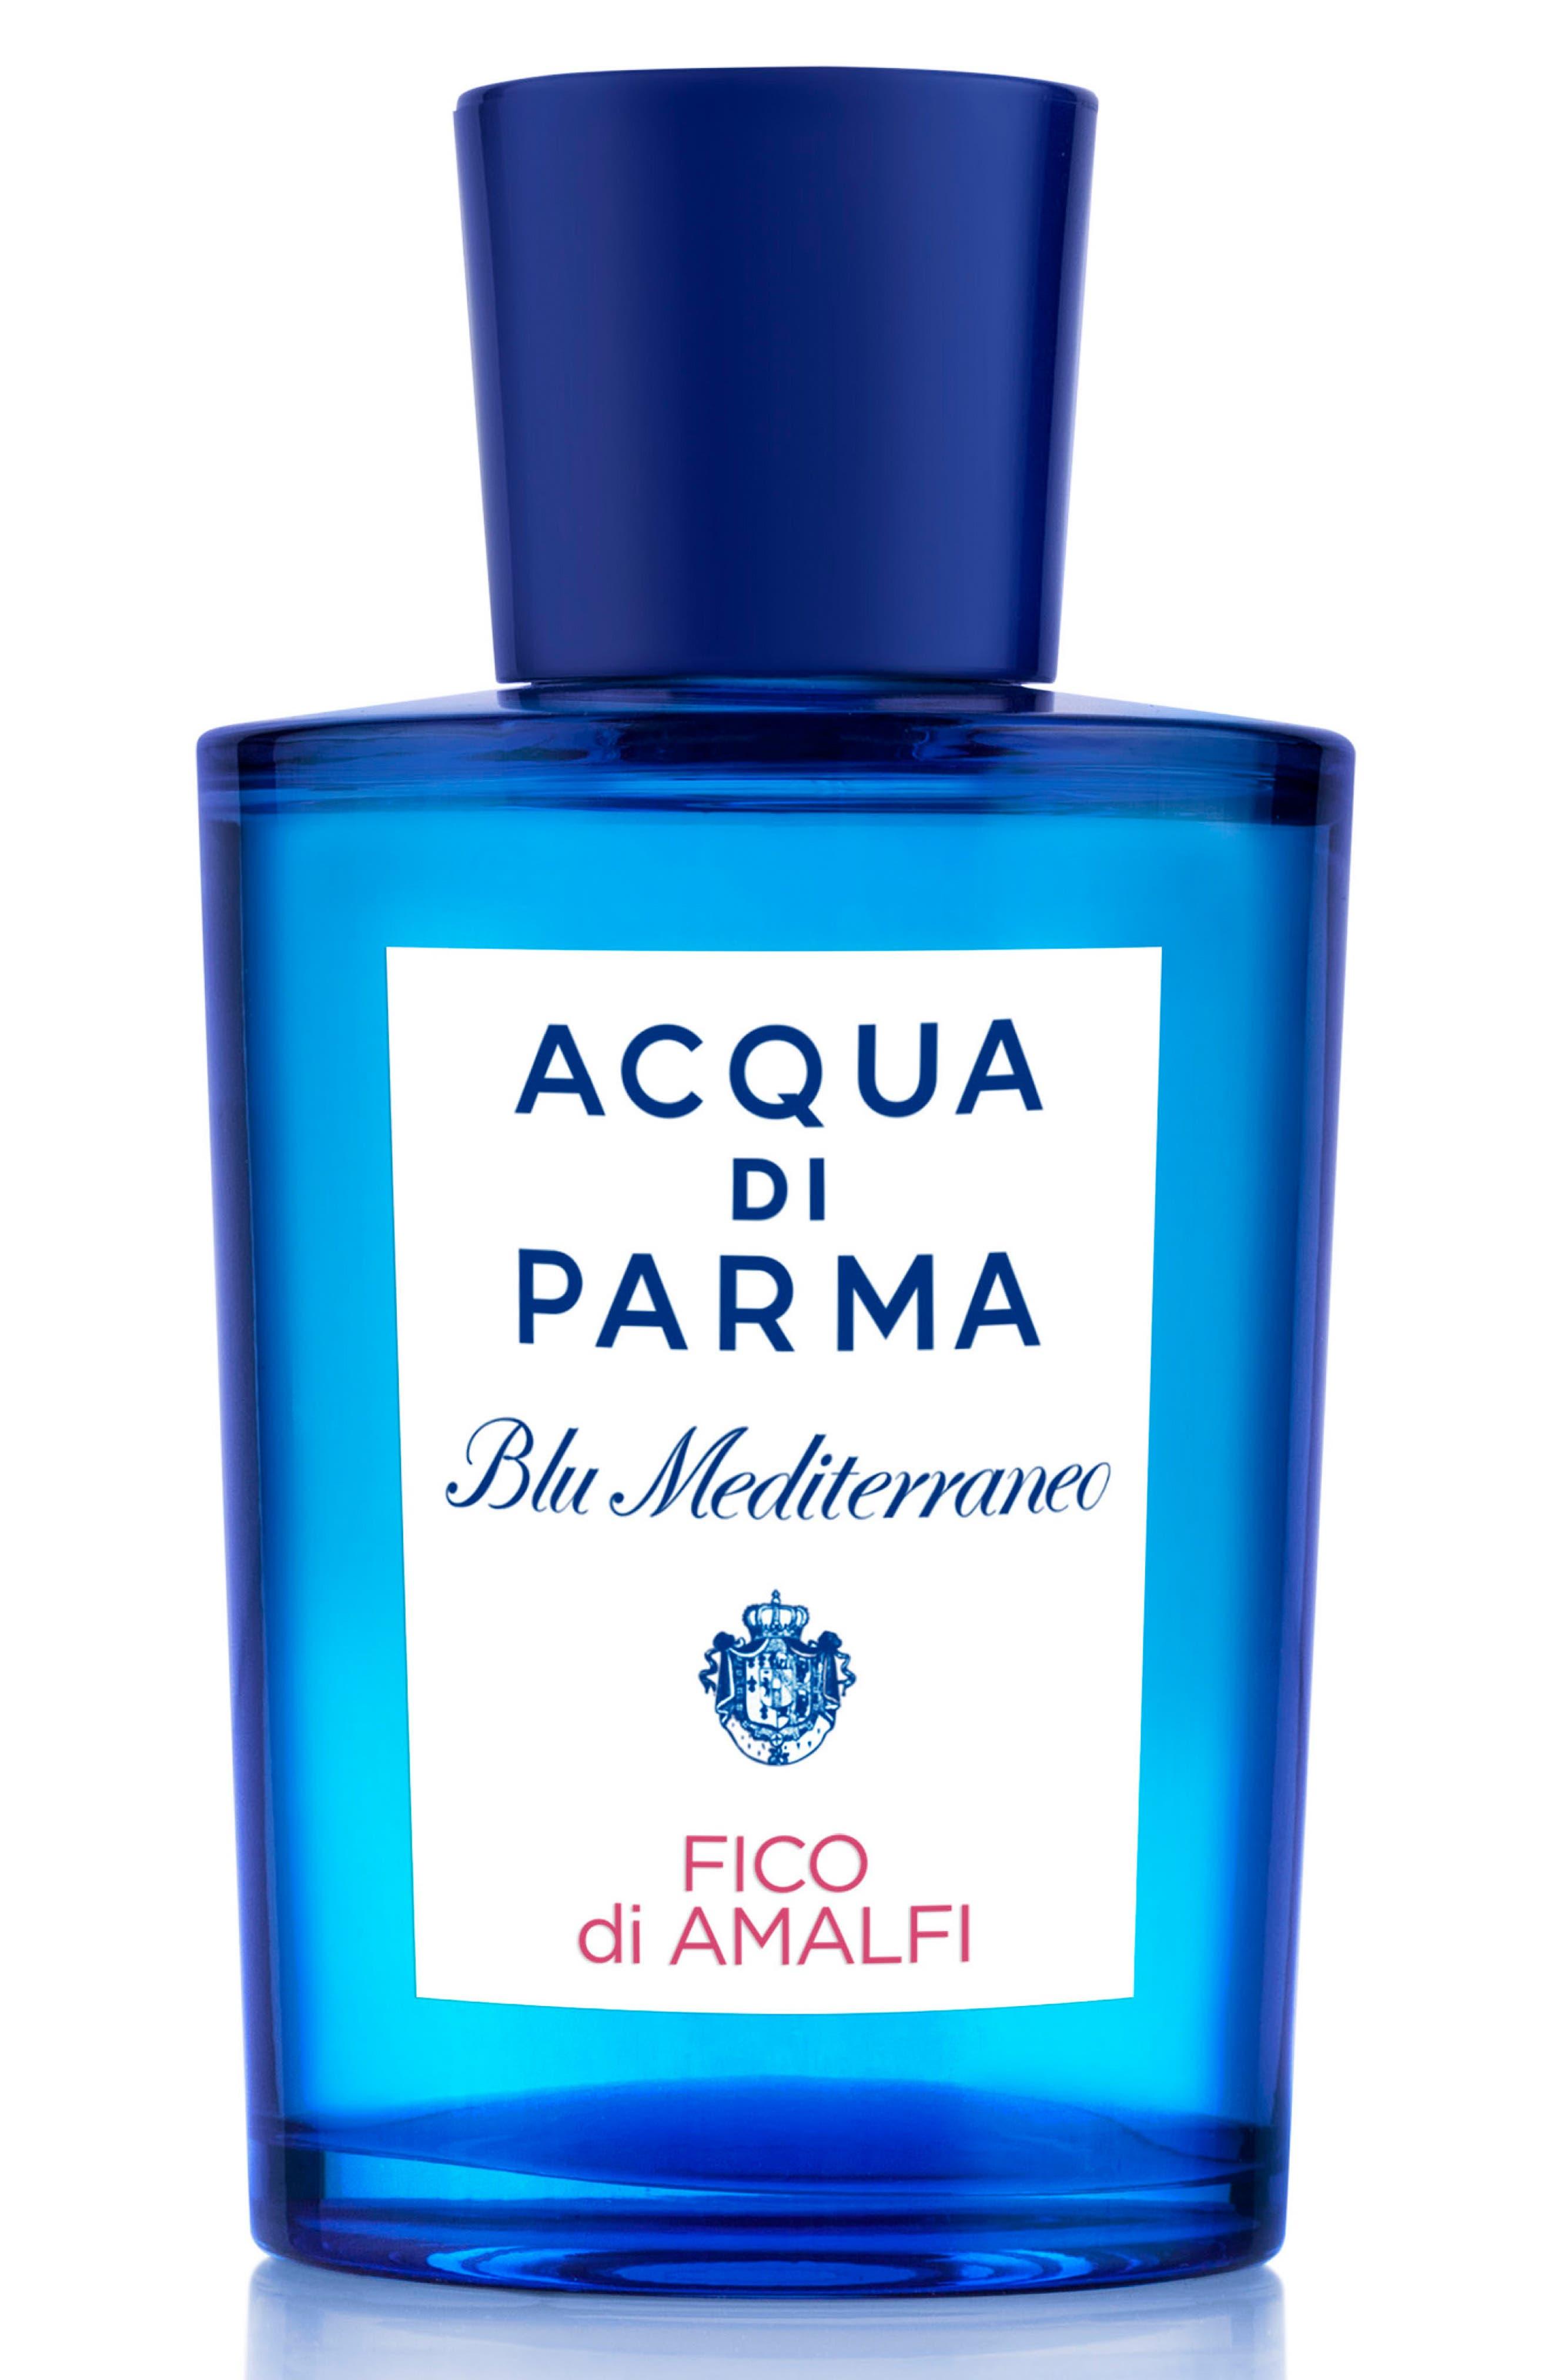 ACQUA DI PARMA, 'Blu Mediterraneo' Fico di Amalfi Eau de Toilette Spray, Alternate thumbnail 6, color, NO COLOR